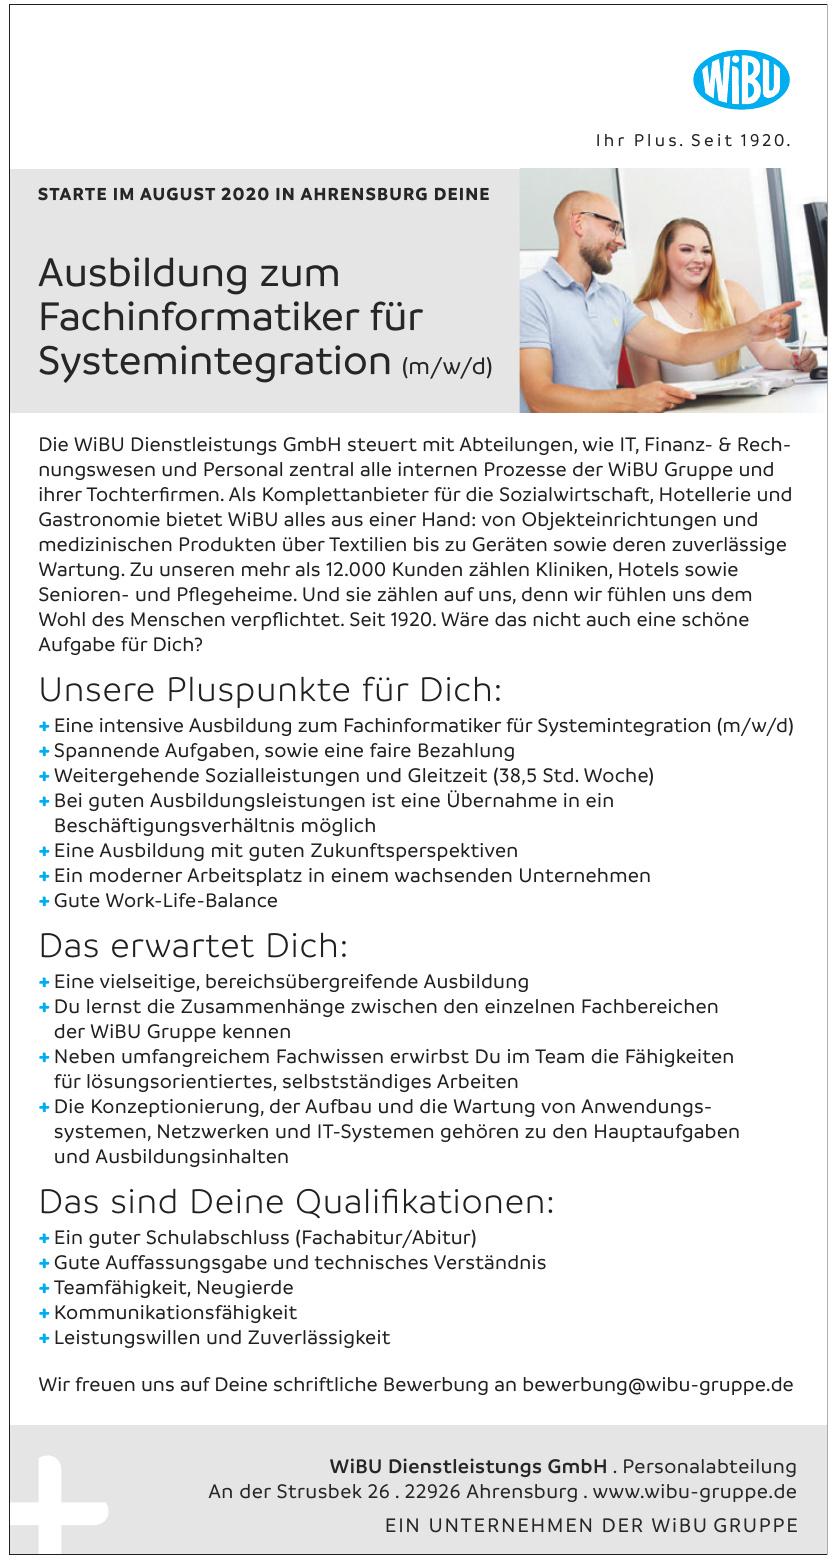 WiBU Dienstleistungs GmbH